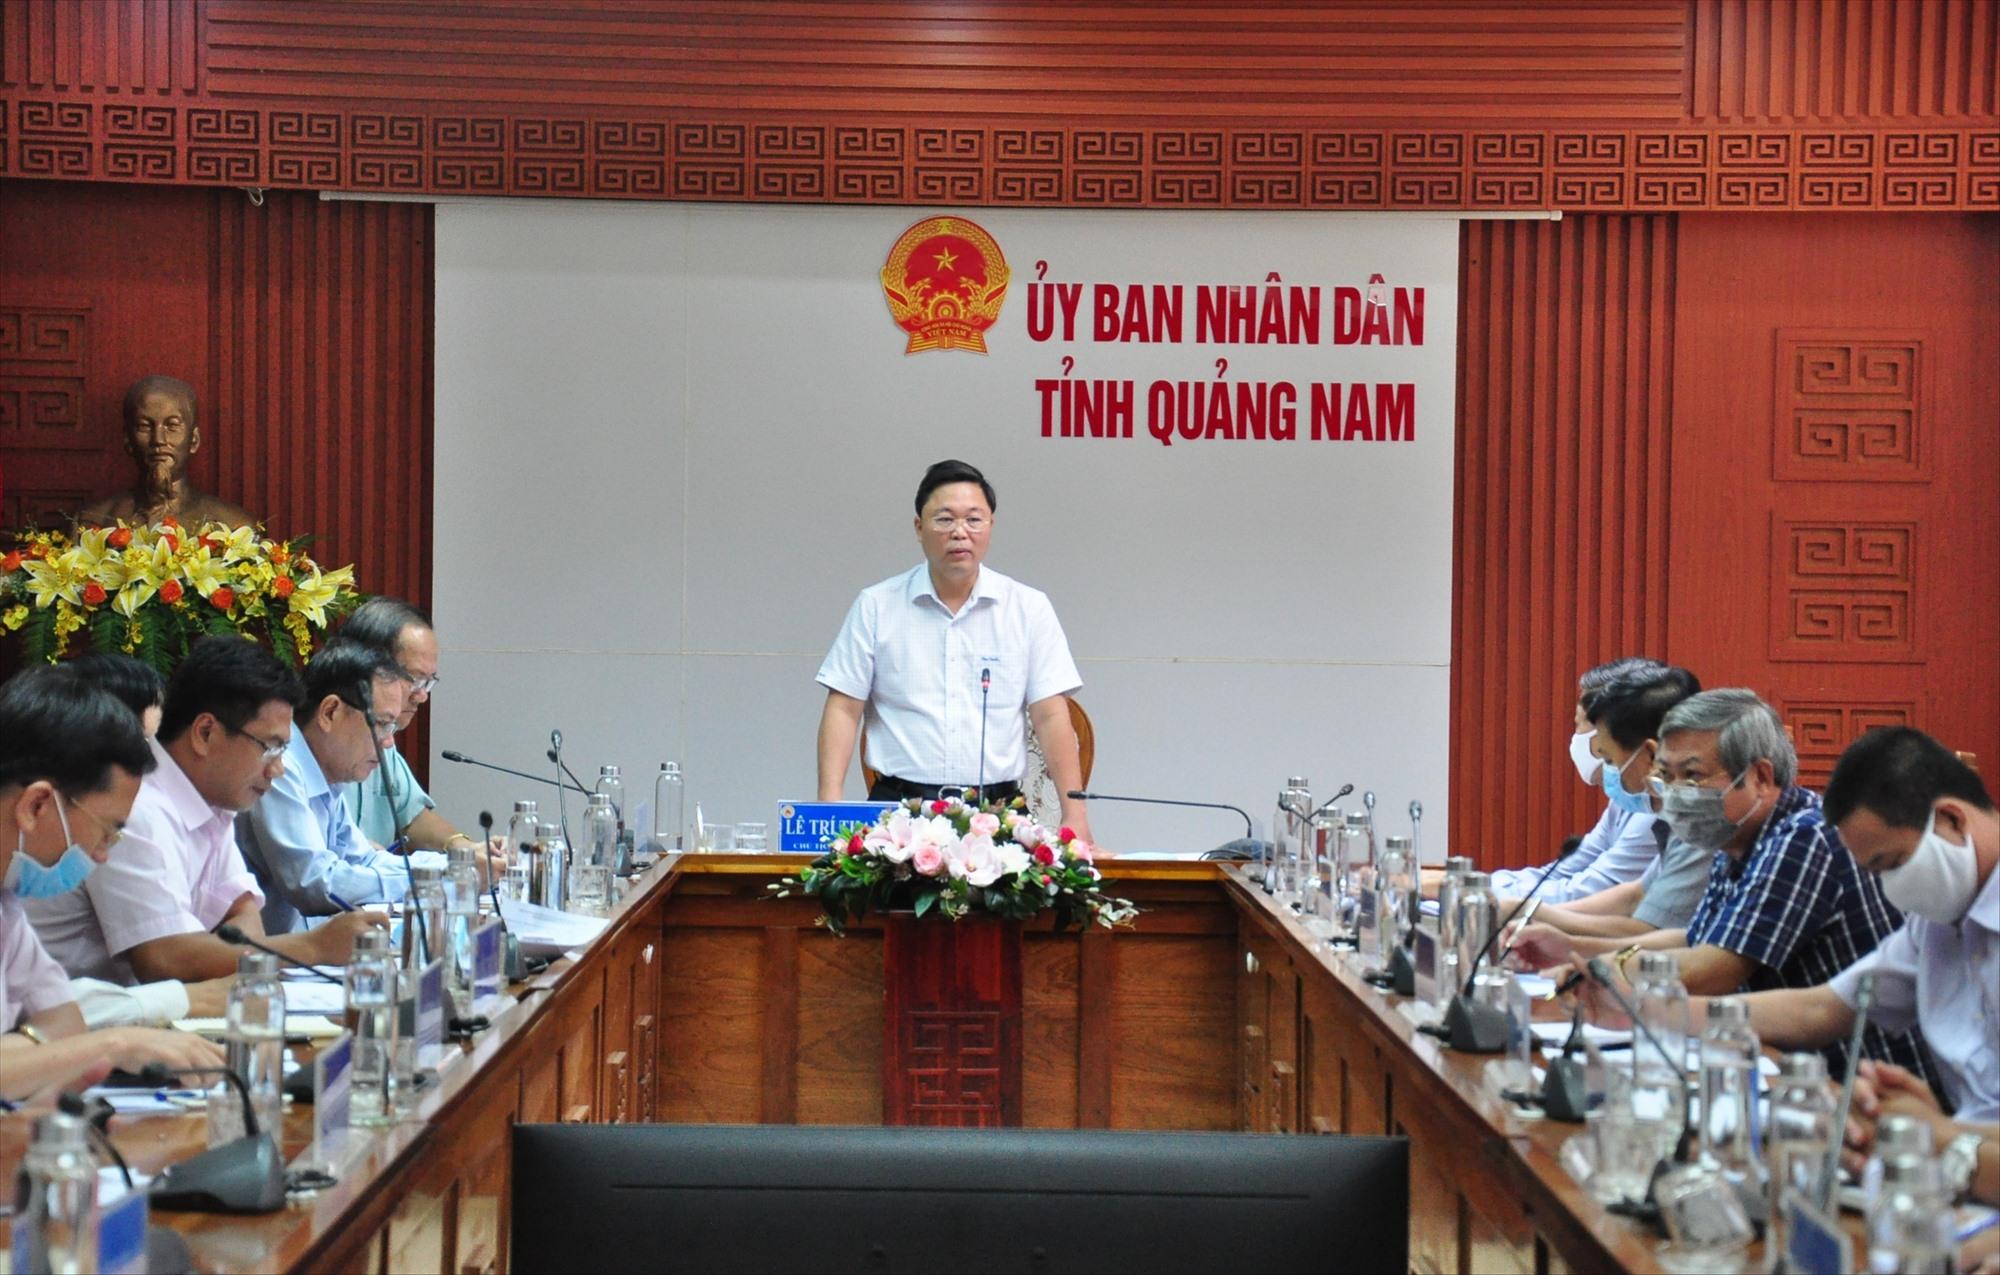 Chủ tịch UBND tỉnh Lê Trí Thanh phát biểu chỉ đạo tại cuộc họp diễn ra hôm nay 18.6.  Ảnh: S.A